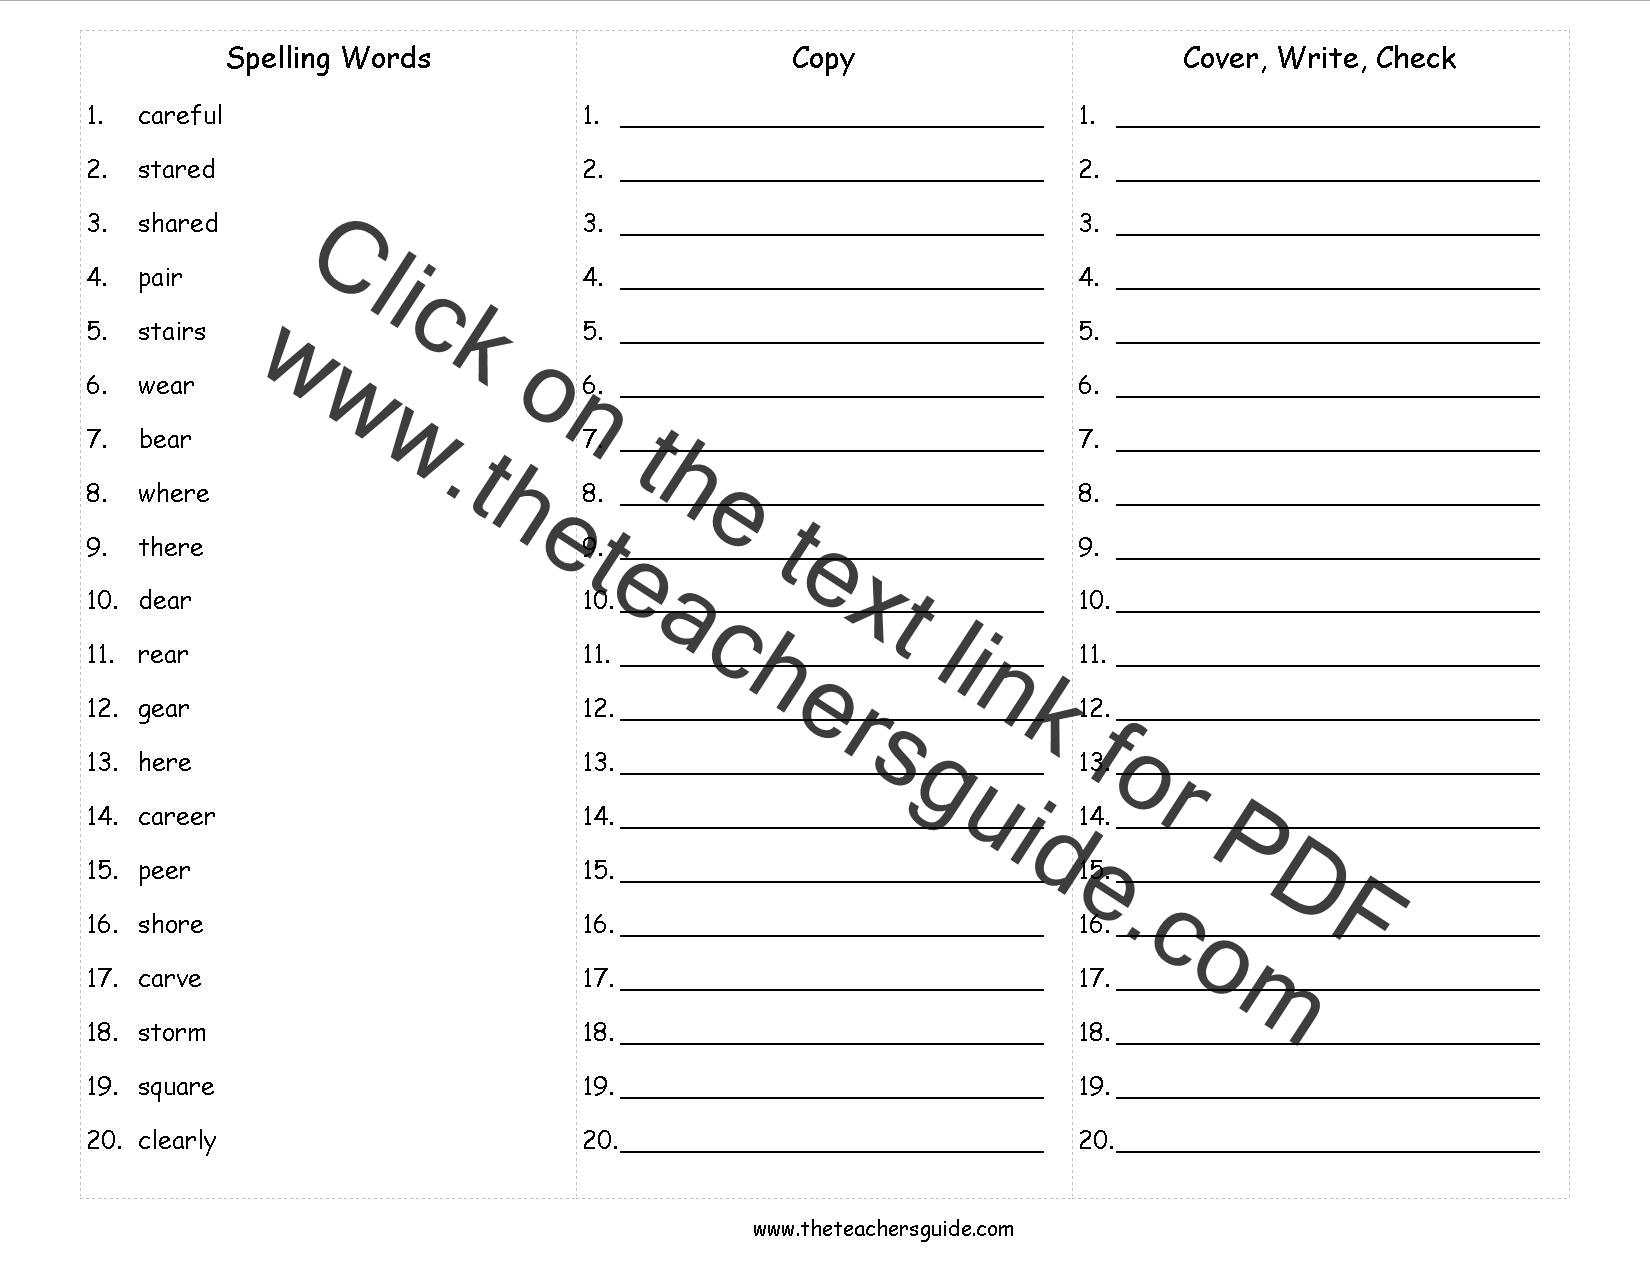 Blank Spelling Test Paper 2nd Grade